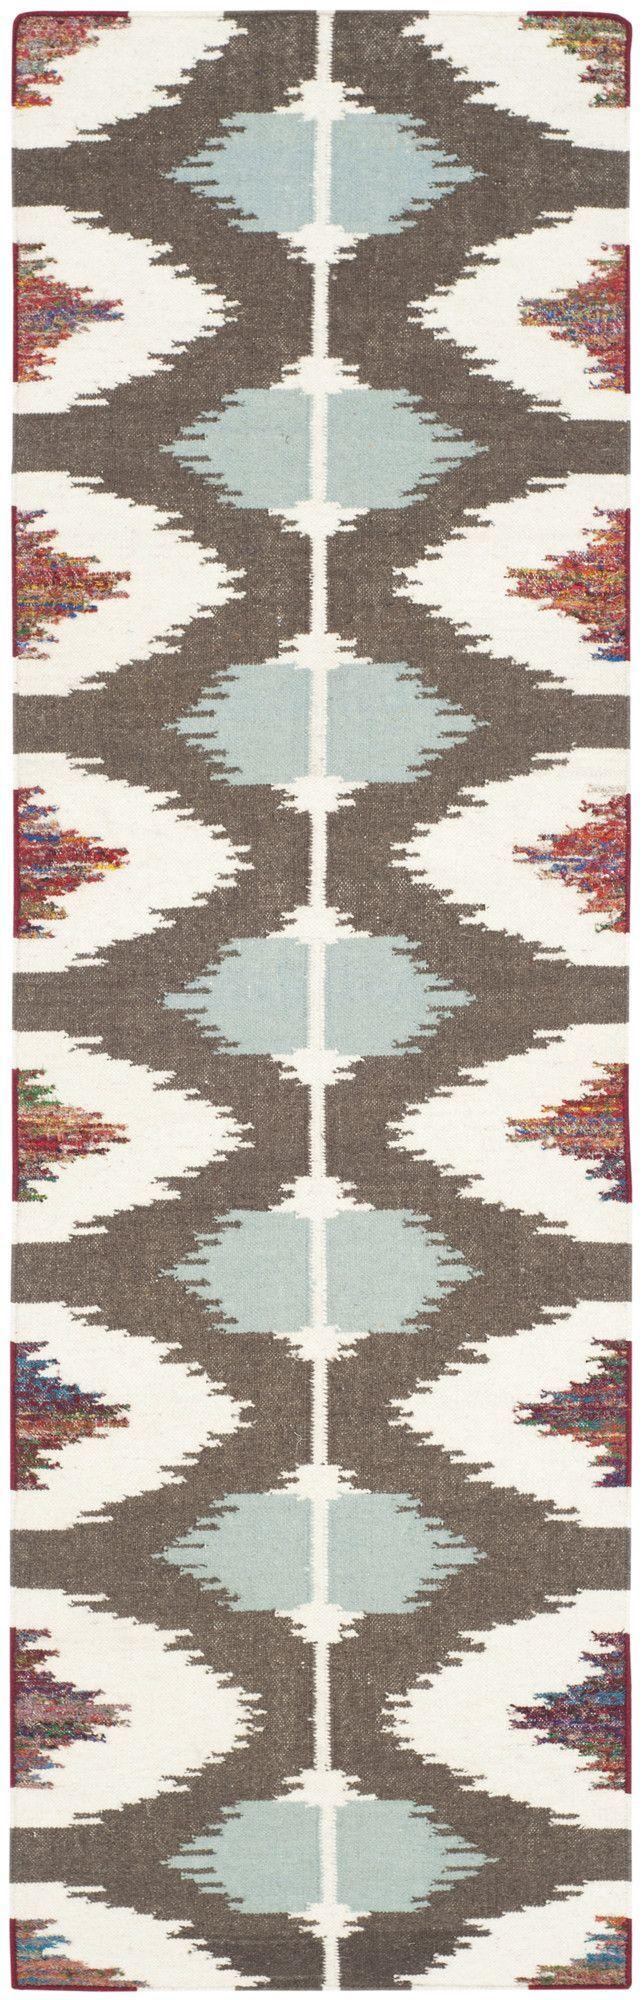 dhurries area rug